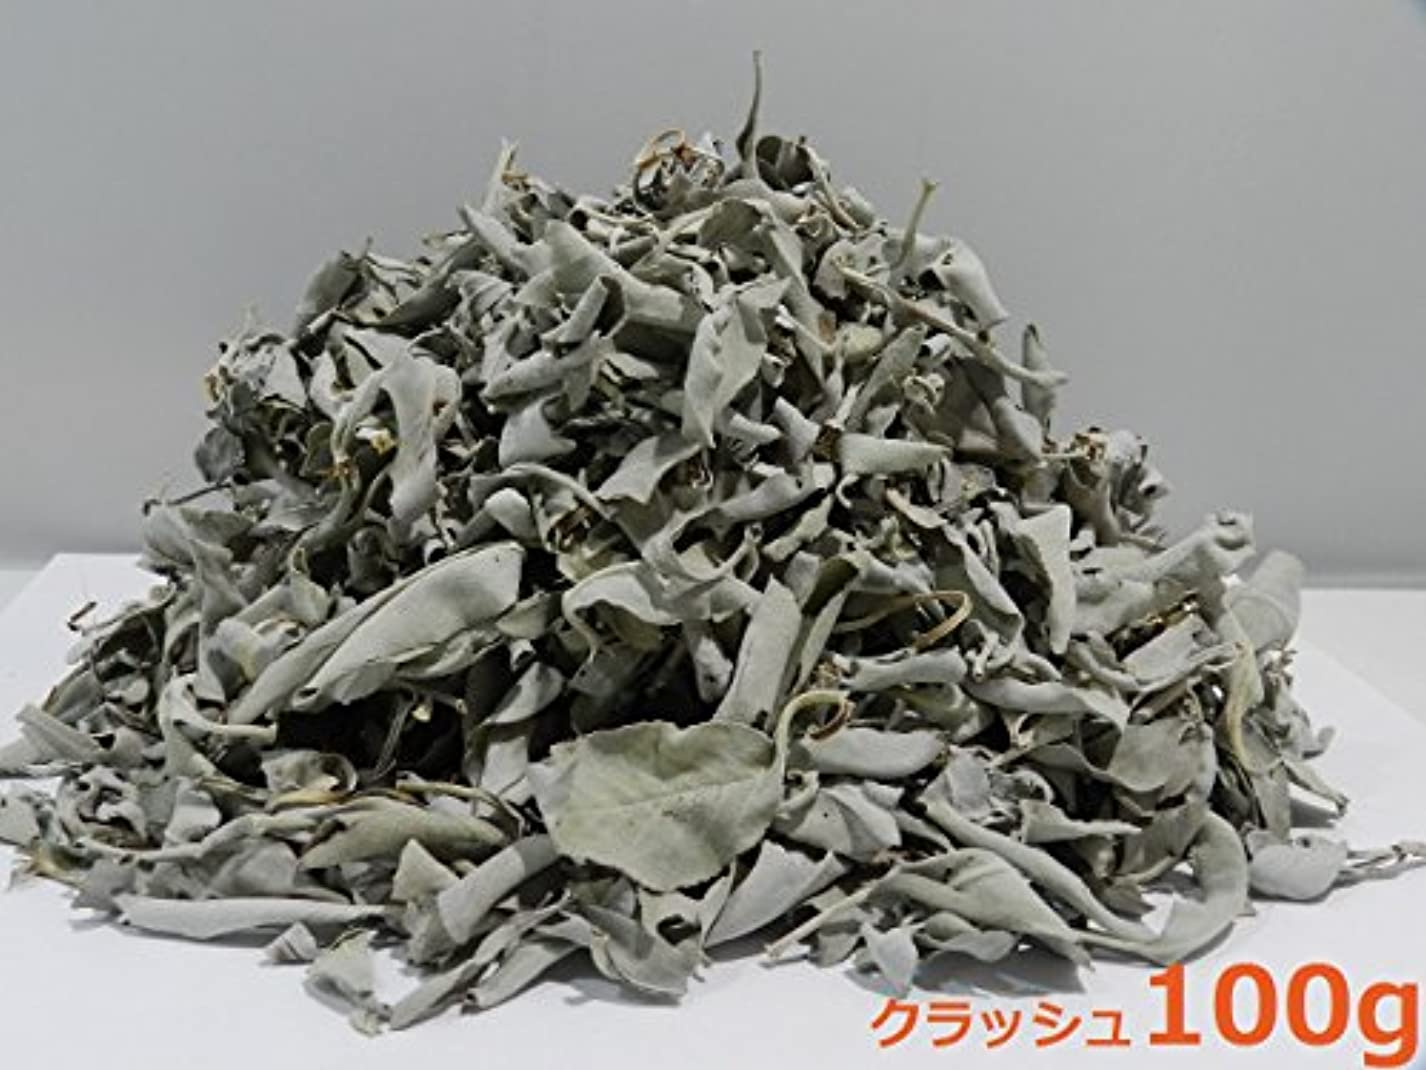 反対東方近似カリフォルニア産 浄化用 ホワイトセージ /White Sage クラッシュ 100g☆海外輸入品